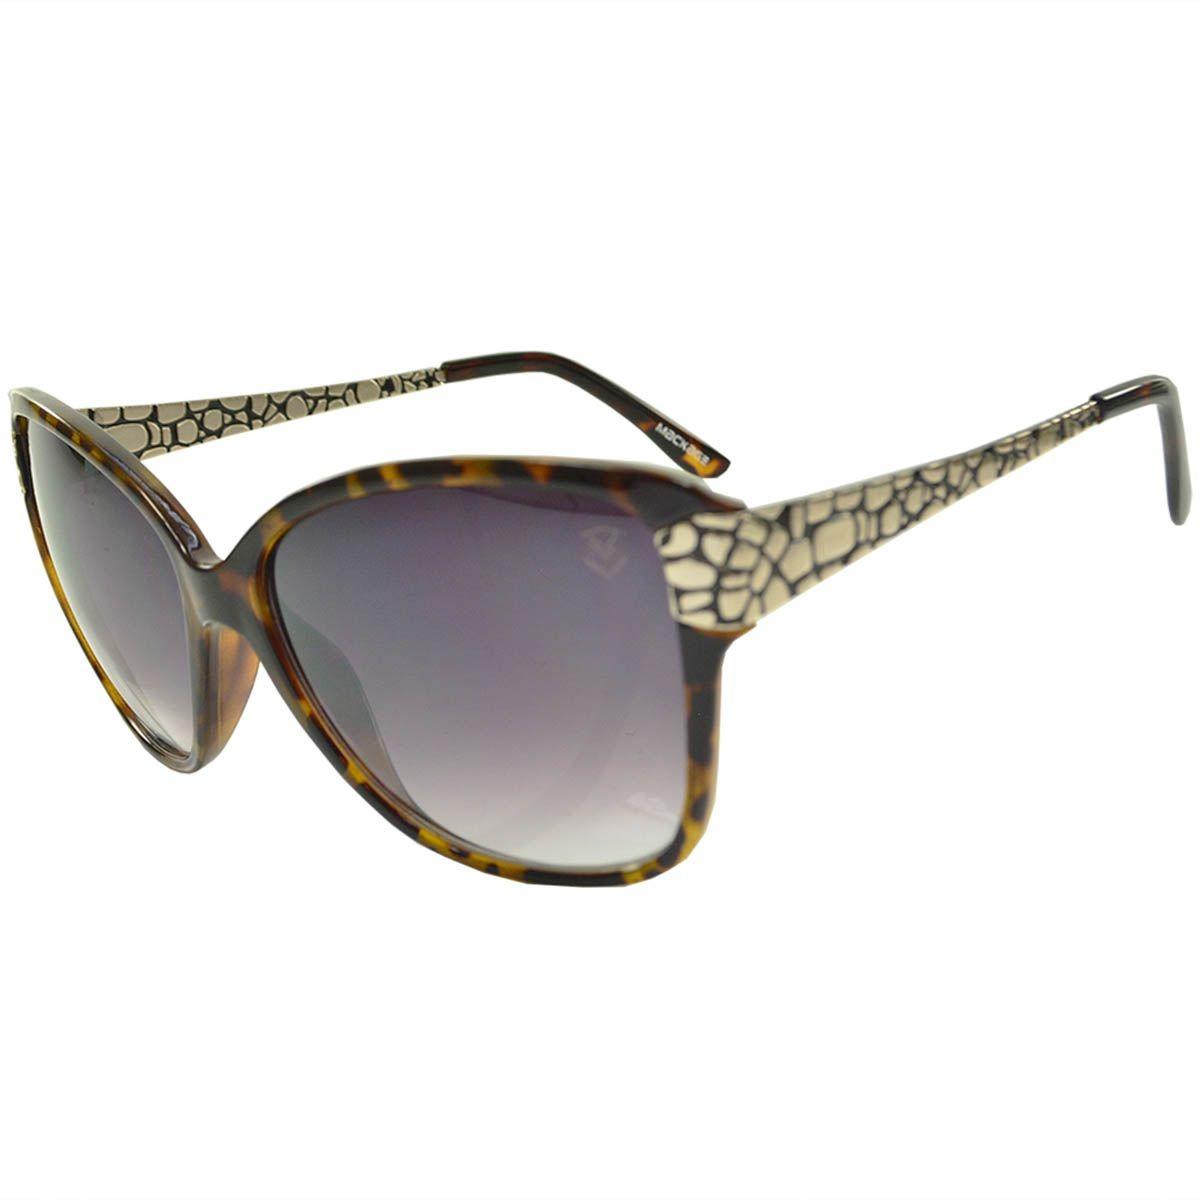 1027ce765ba34 Óculos De Sol Mackage Mk1355t Tarta - R  90,89 em Mercado Livre